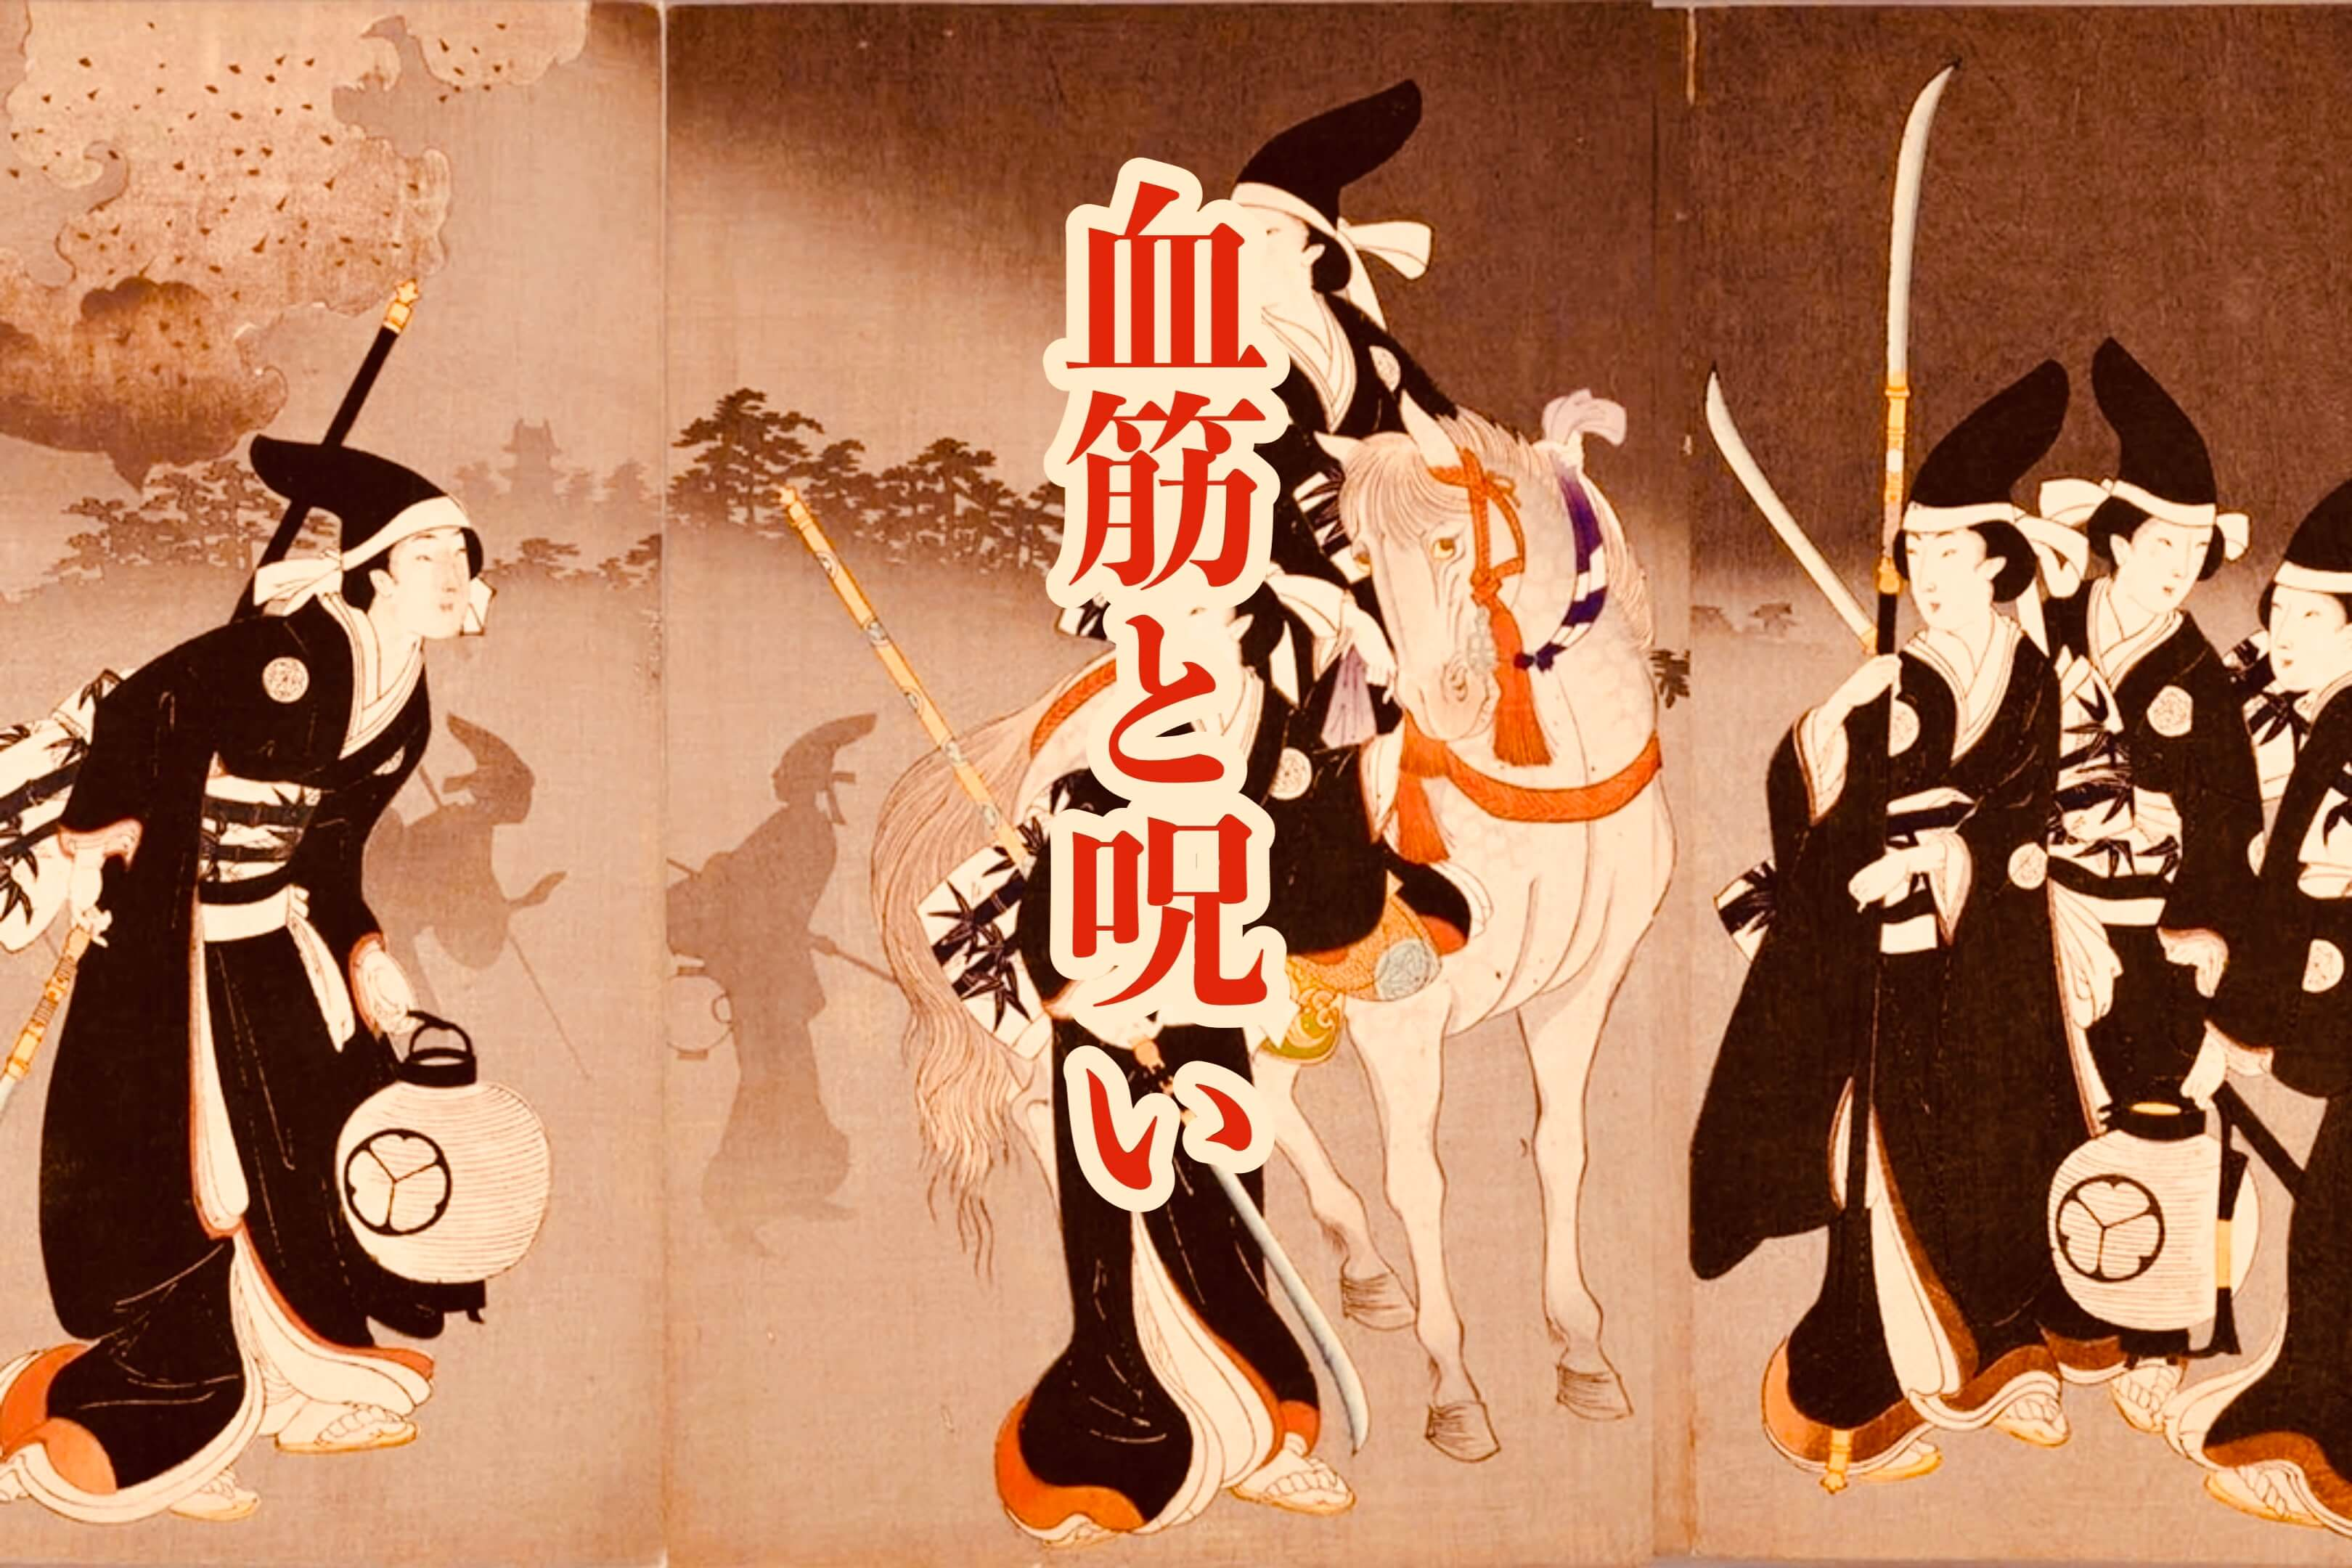 【芦屋道顕】血筋と呪い(1)「末代まで祟る」のタブーでディープな話【現代の呪2】